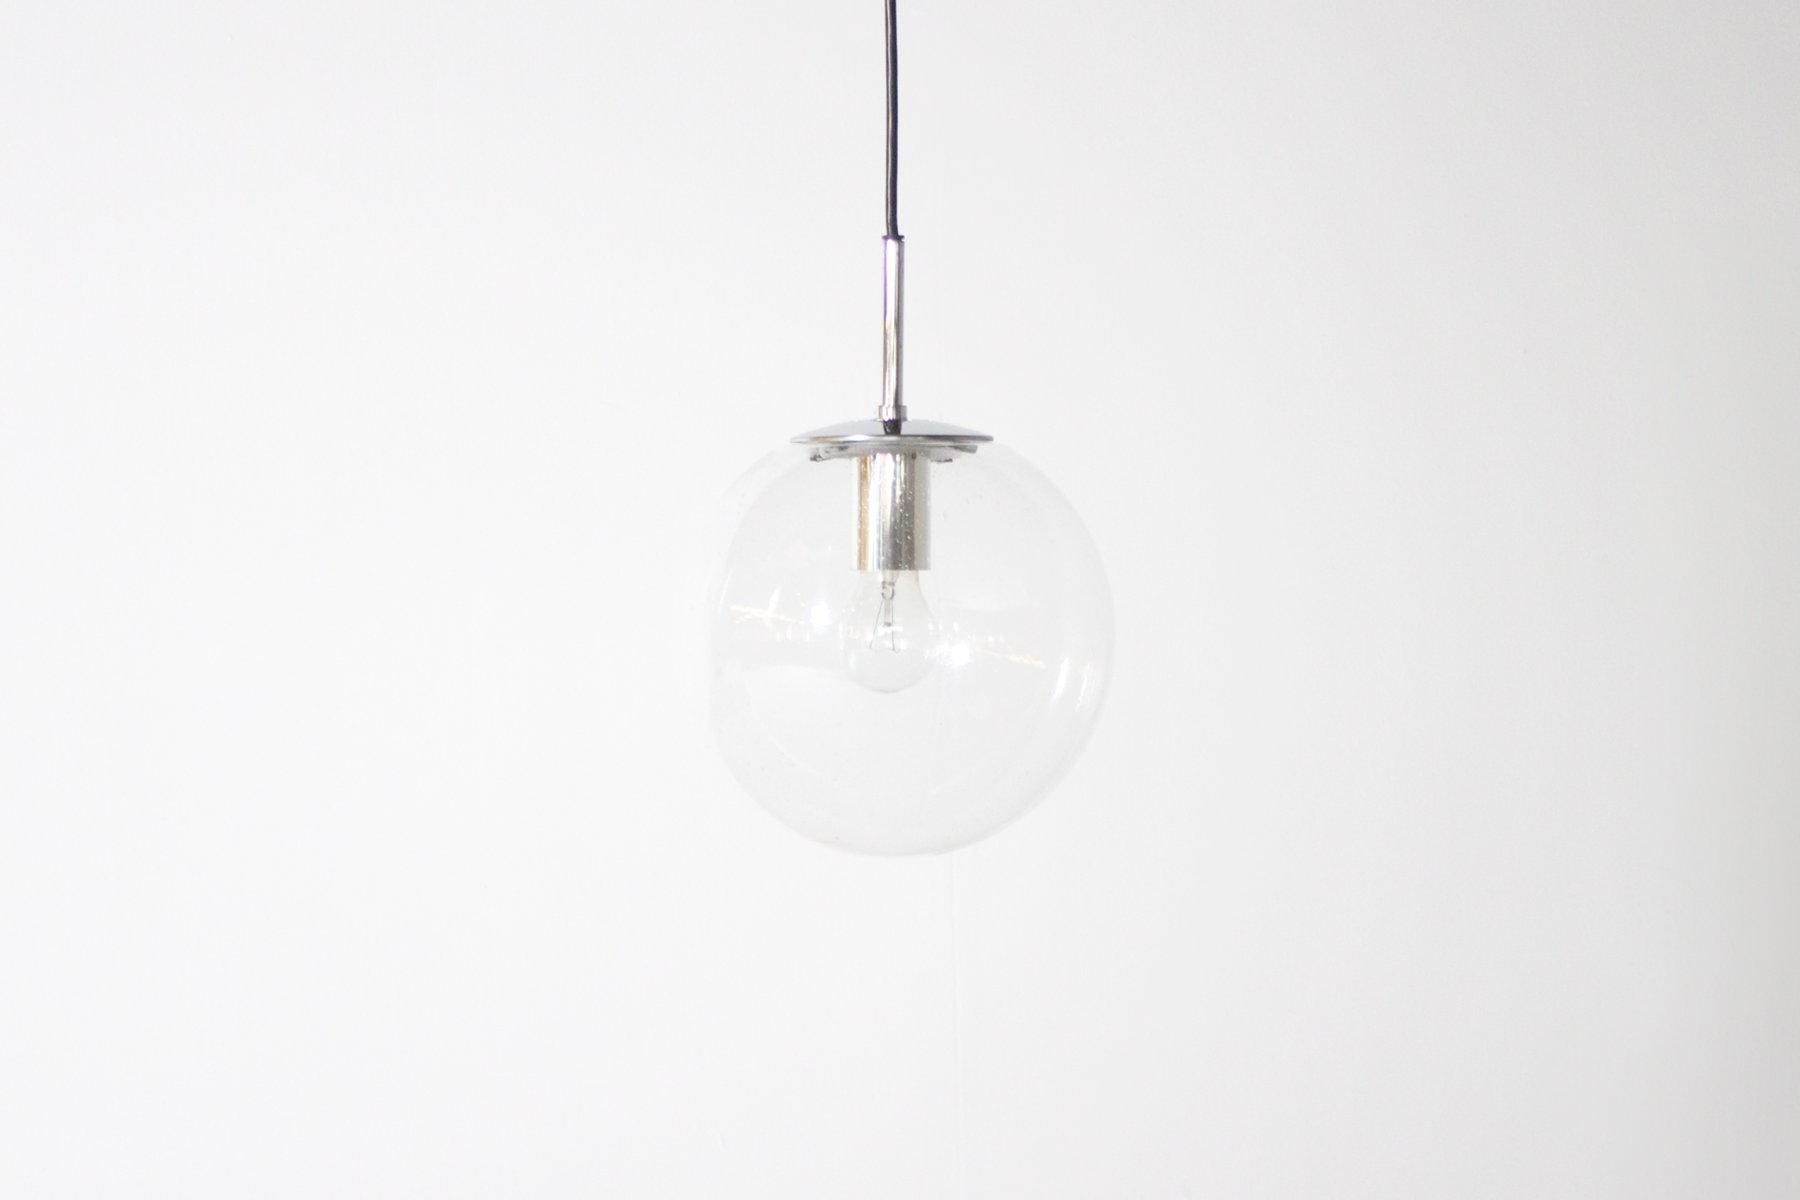 petite lampe a suspension globe en verre de factory limburg allemagne 1 5 Nouveau Lampe Verre Iqt4